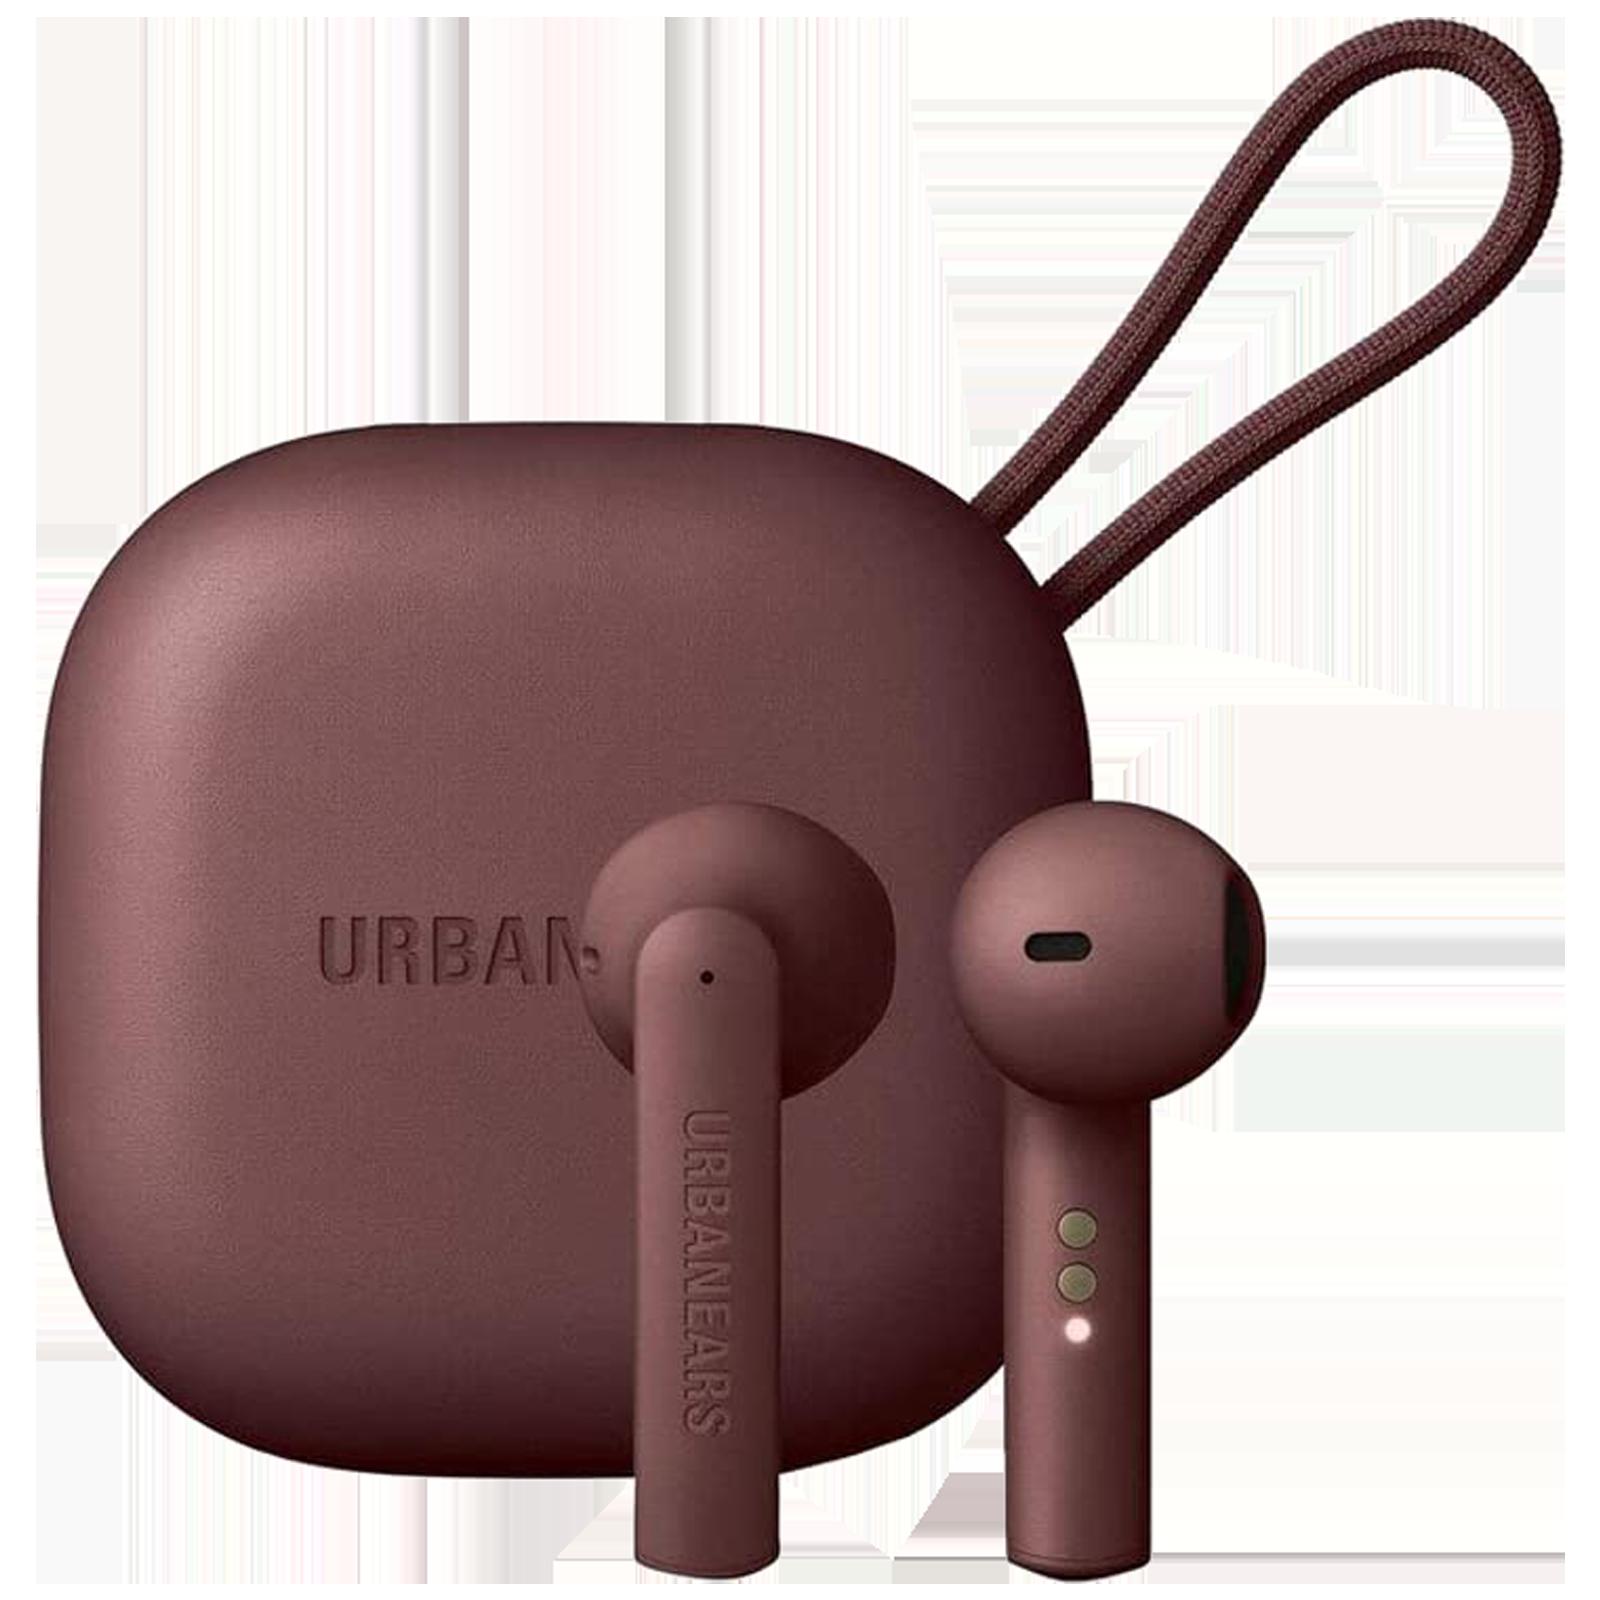 Urbanears Luma In-Ear Truly Wireless Earbuds with Mic (Bluetooth 5.0, Wear Detect Sensor, UE-LUMA-MRN, True Maroon)_1